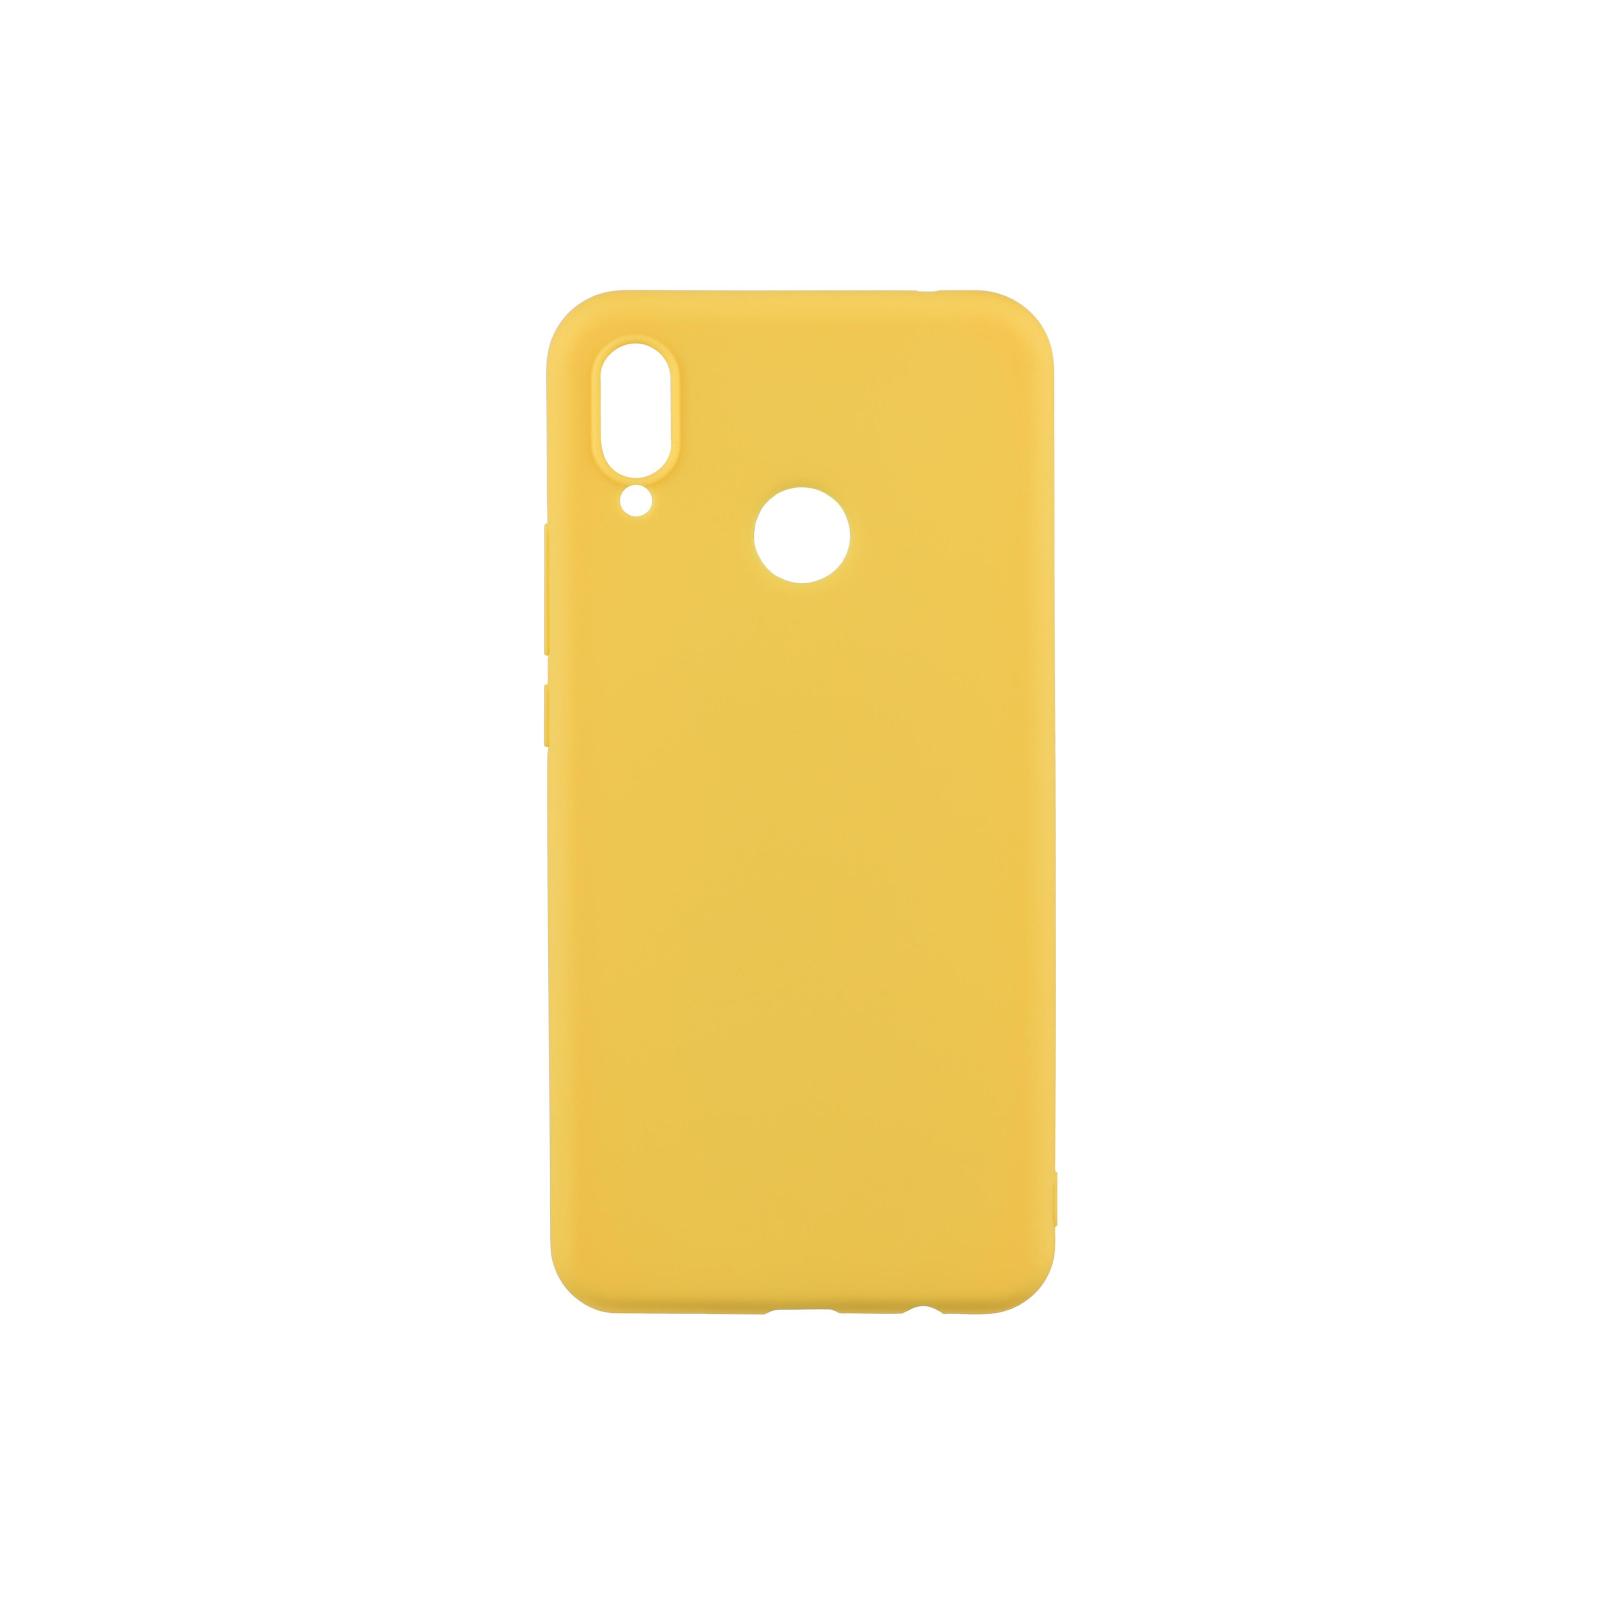 18addc1a021fd Чехол для моб. телефона 2E Huawei Honor 8X, Soft touch, Mustard (2E ...